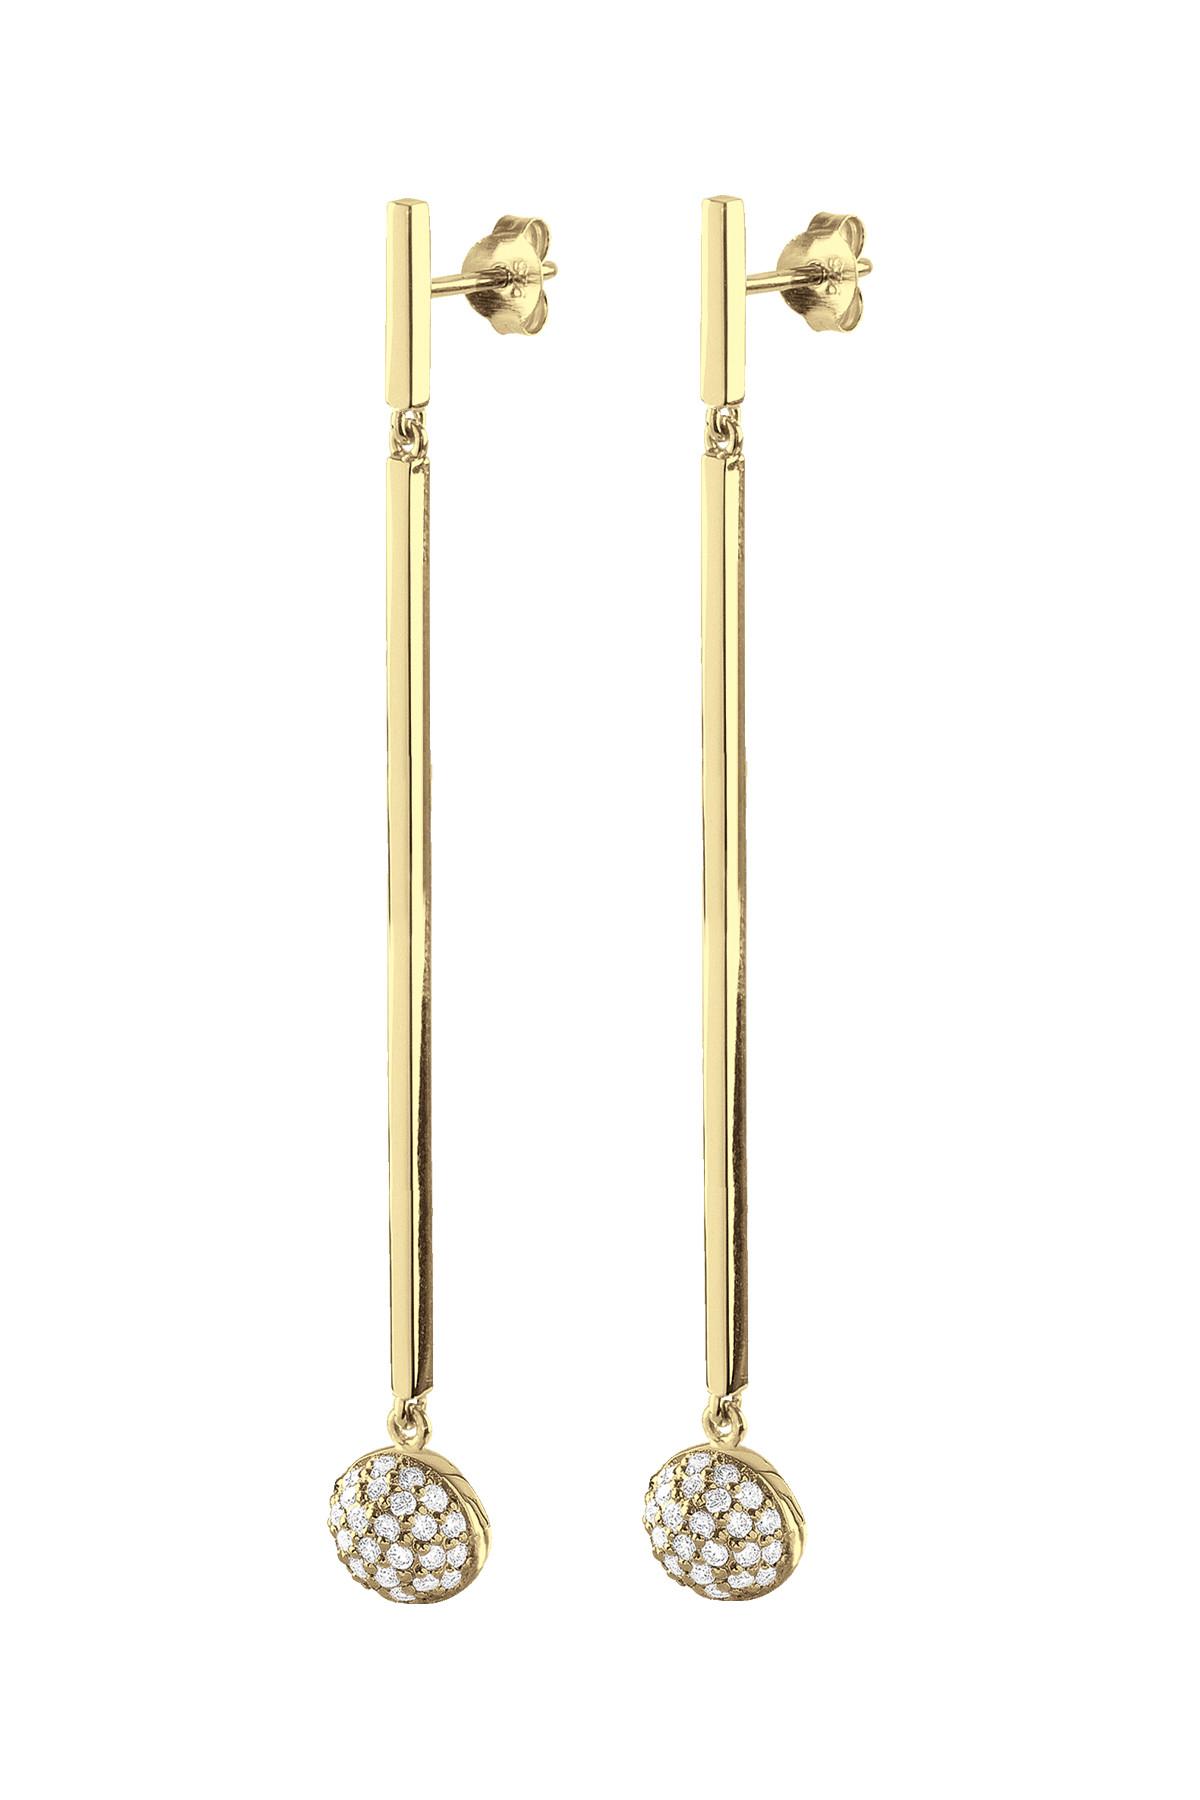 Image of   DYRBERG/KERN MARGOT ØREHÆNGERE 400757 (Gold, Crystal, ONESIZE)